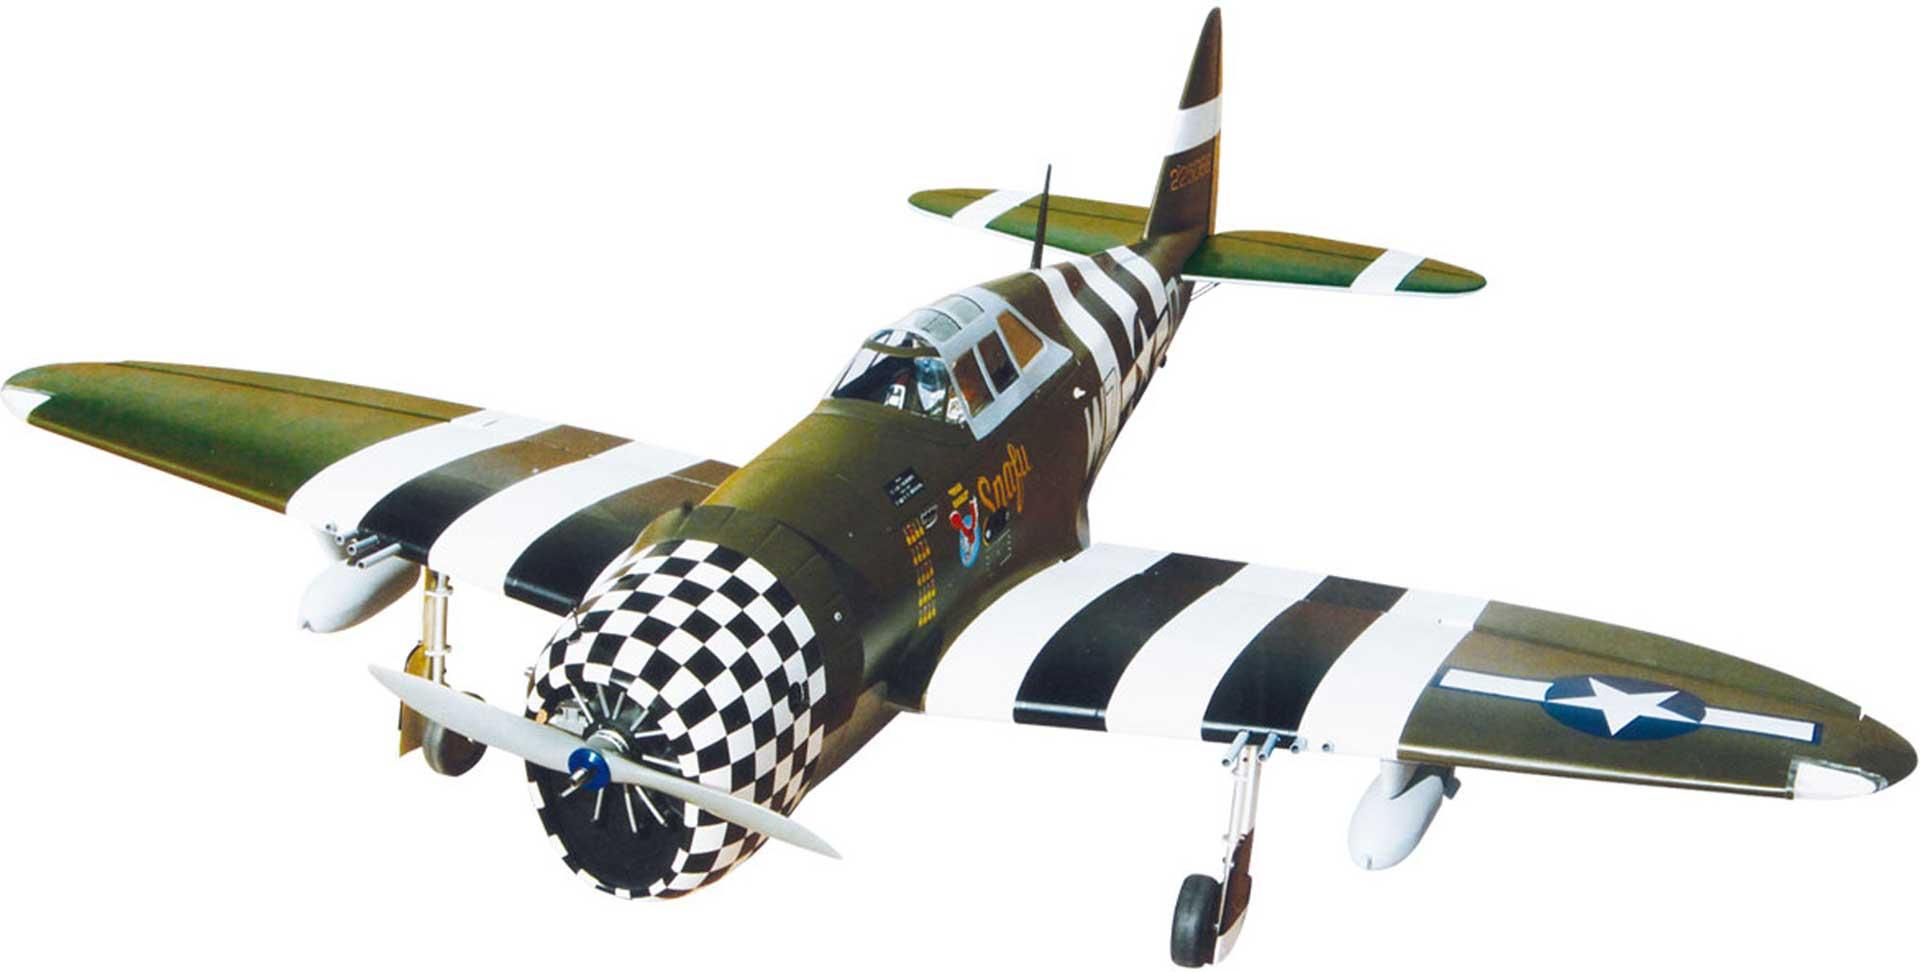 """SG-MODELS P-47G THUNDERBOLT 60 """"SNAFU"""" MIT EINZIEHFAHRWERK UND BELEUCHTUNG"""